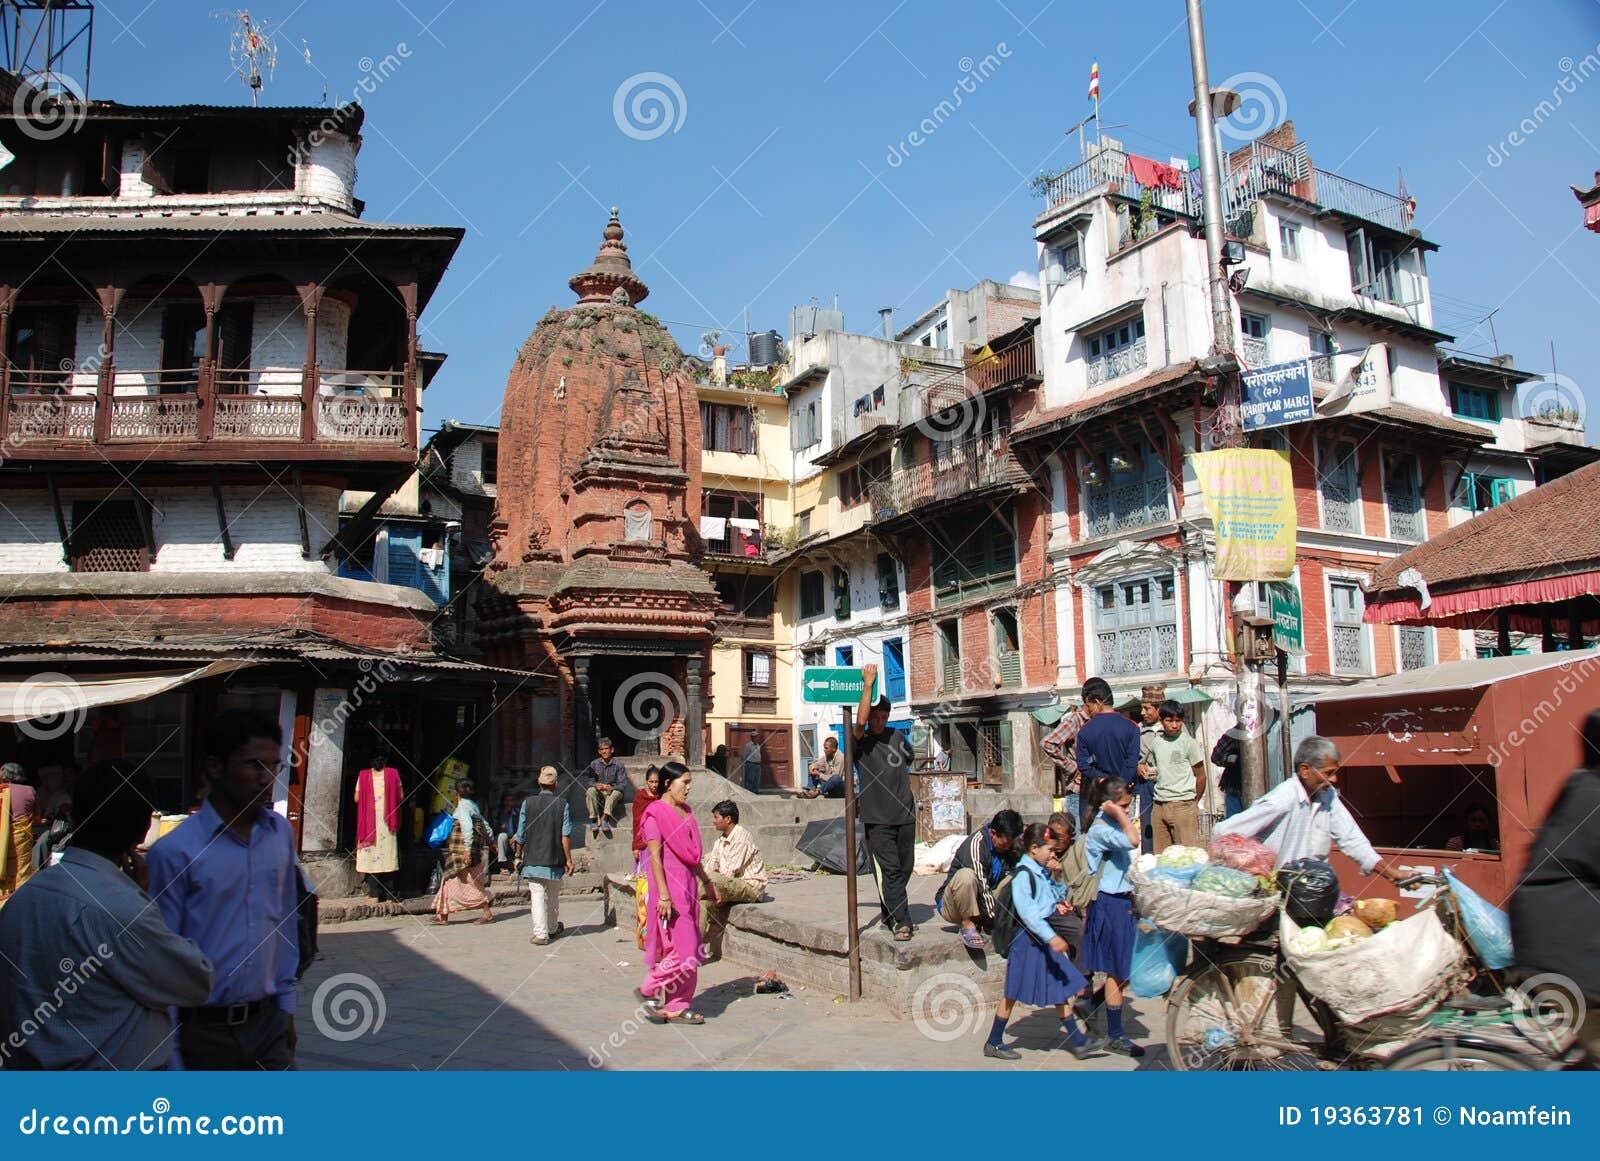 Ruas de Kathmandu